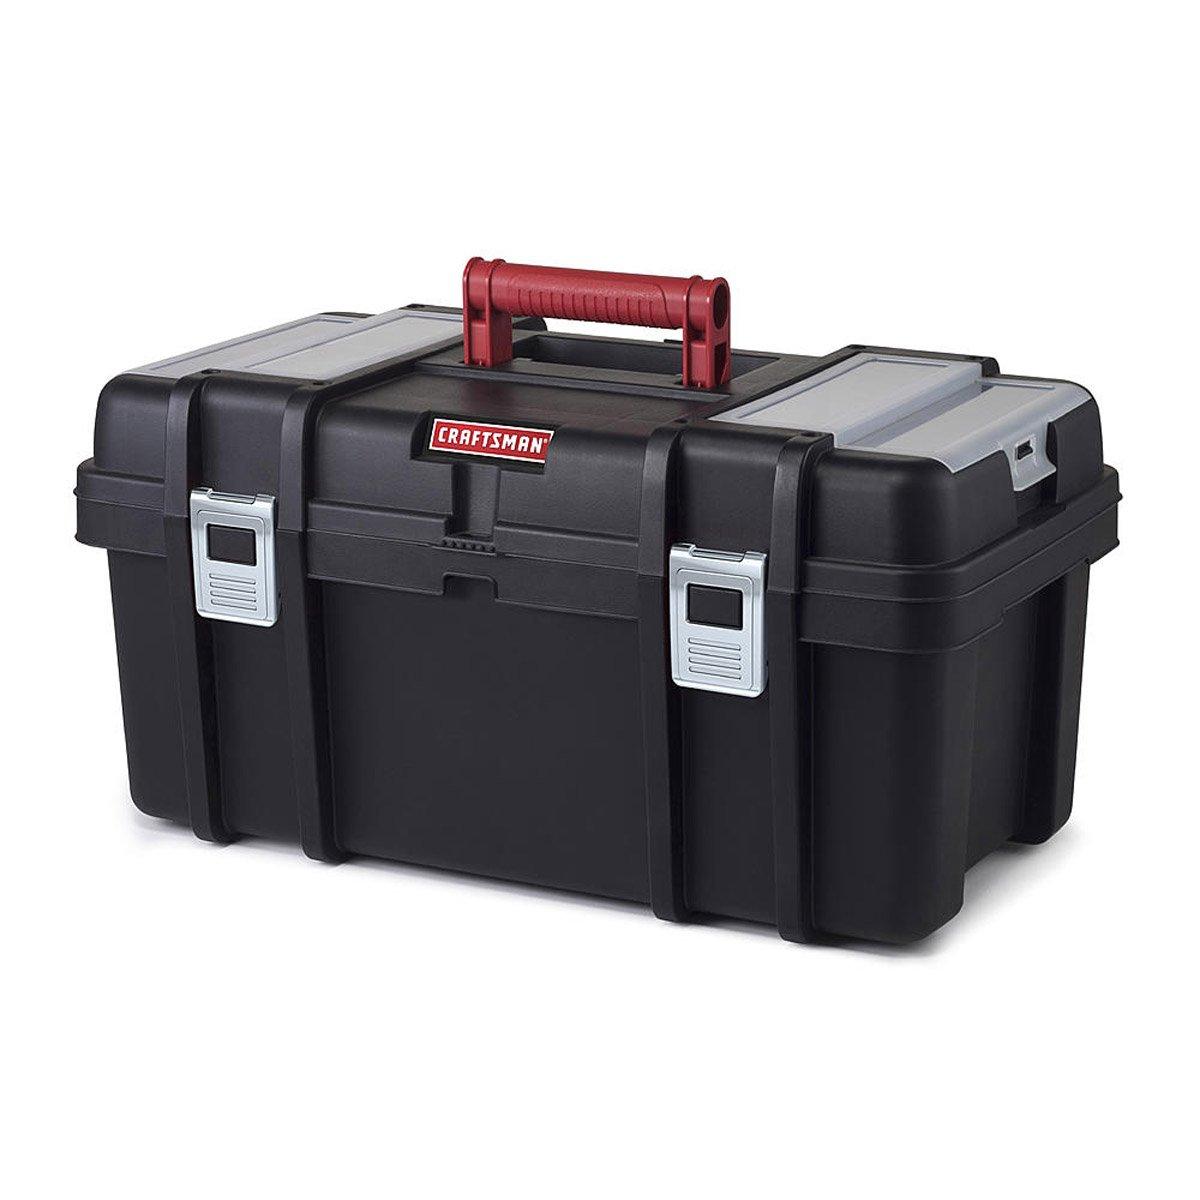 Caja de resina para herramientas 22 craftsman modelo - Cajas de erramientas ...